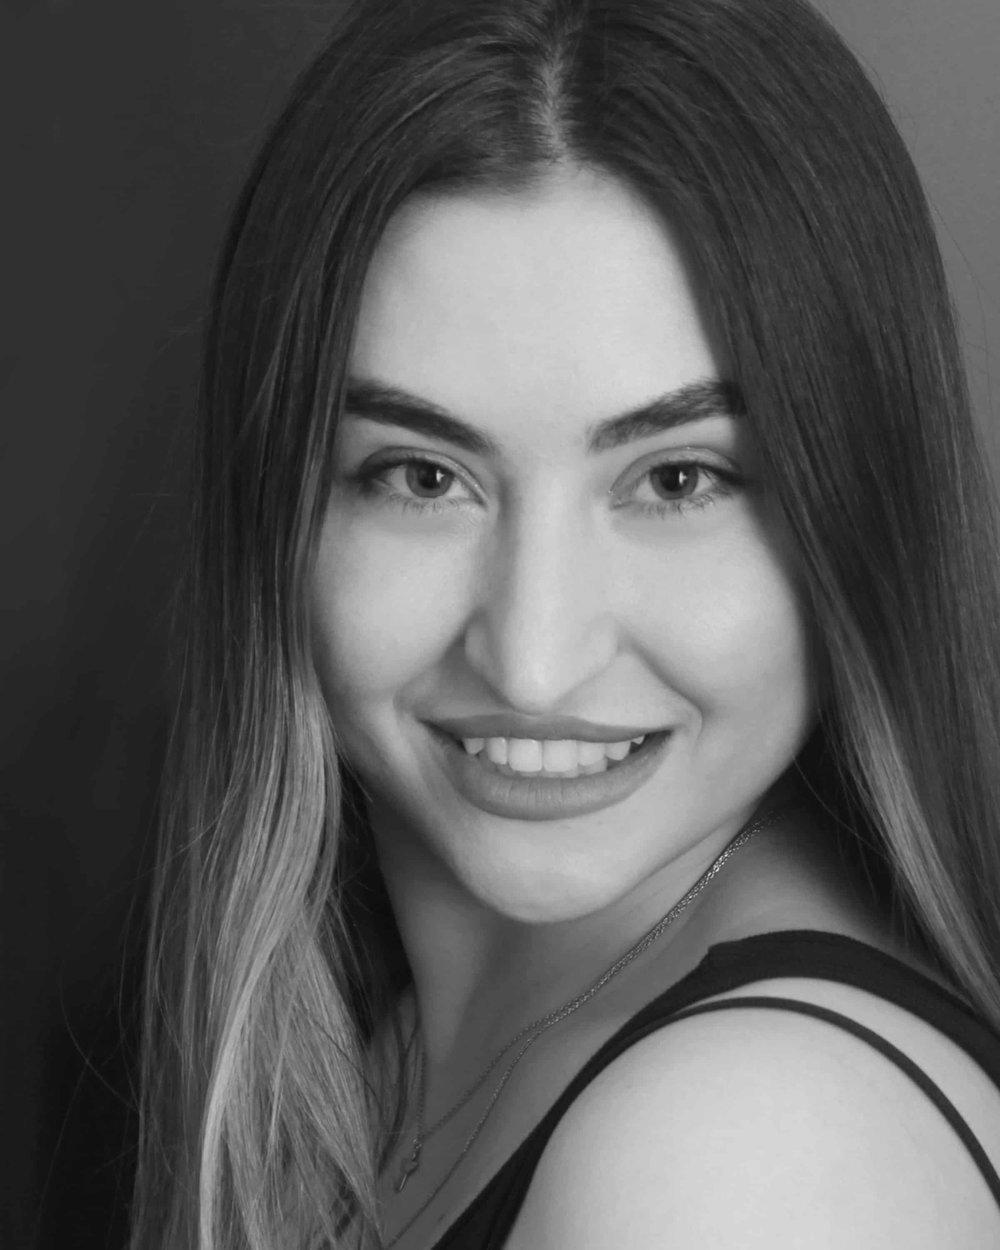 Olga Shushchynska - Coming soon